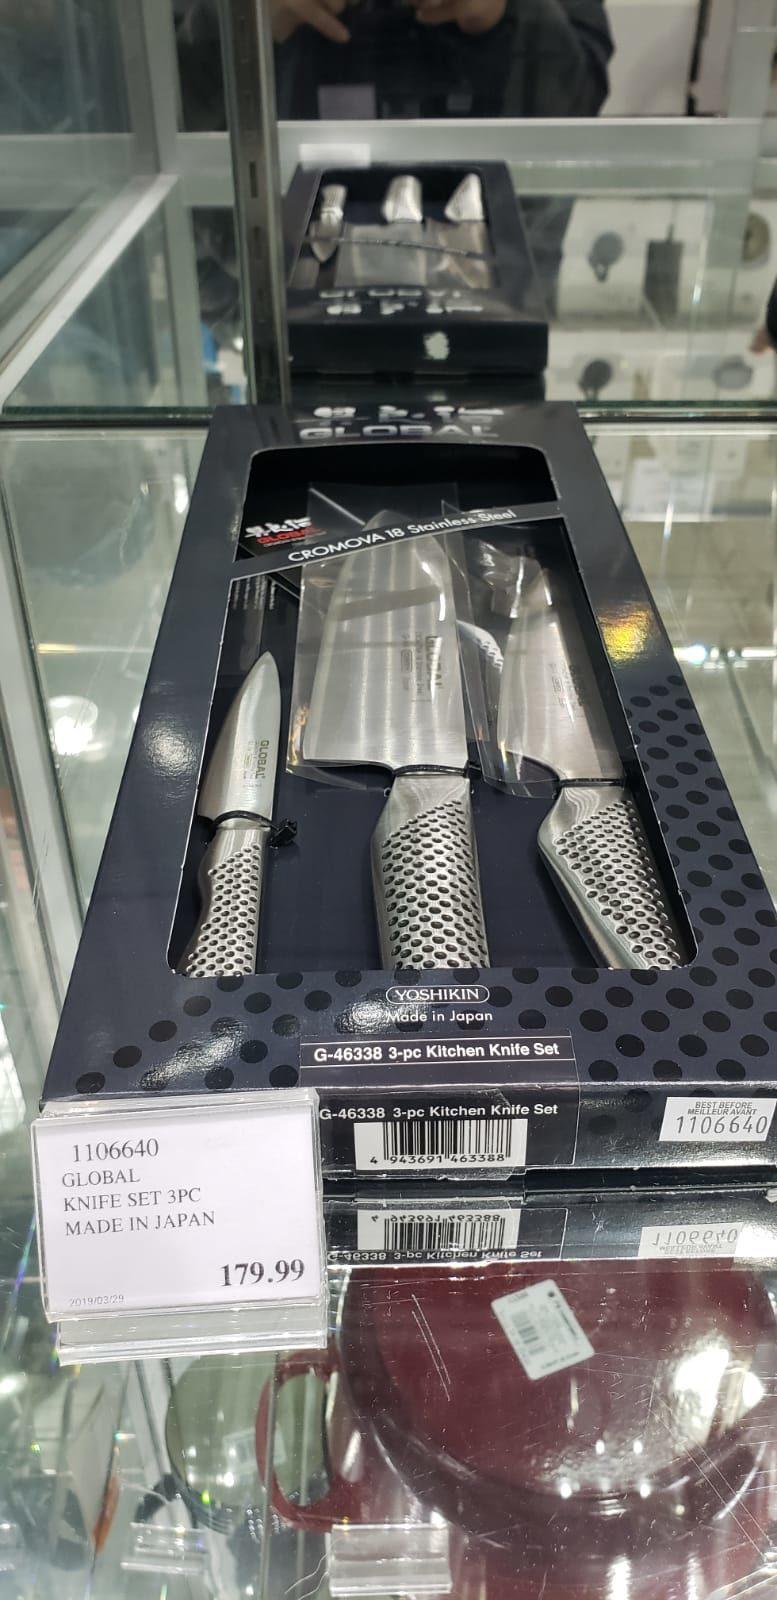 Costco Ca Global 3 Piece Knife Set 129 99 Redflagdeals Com Forums